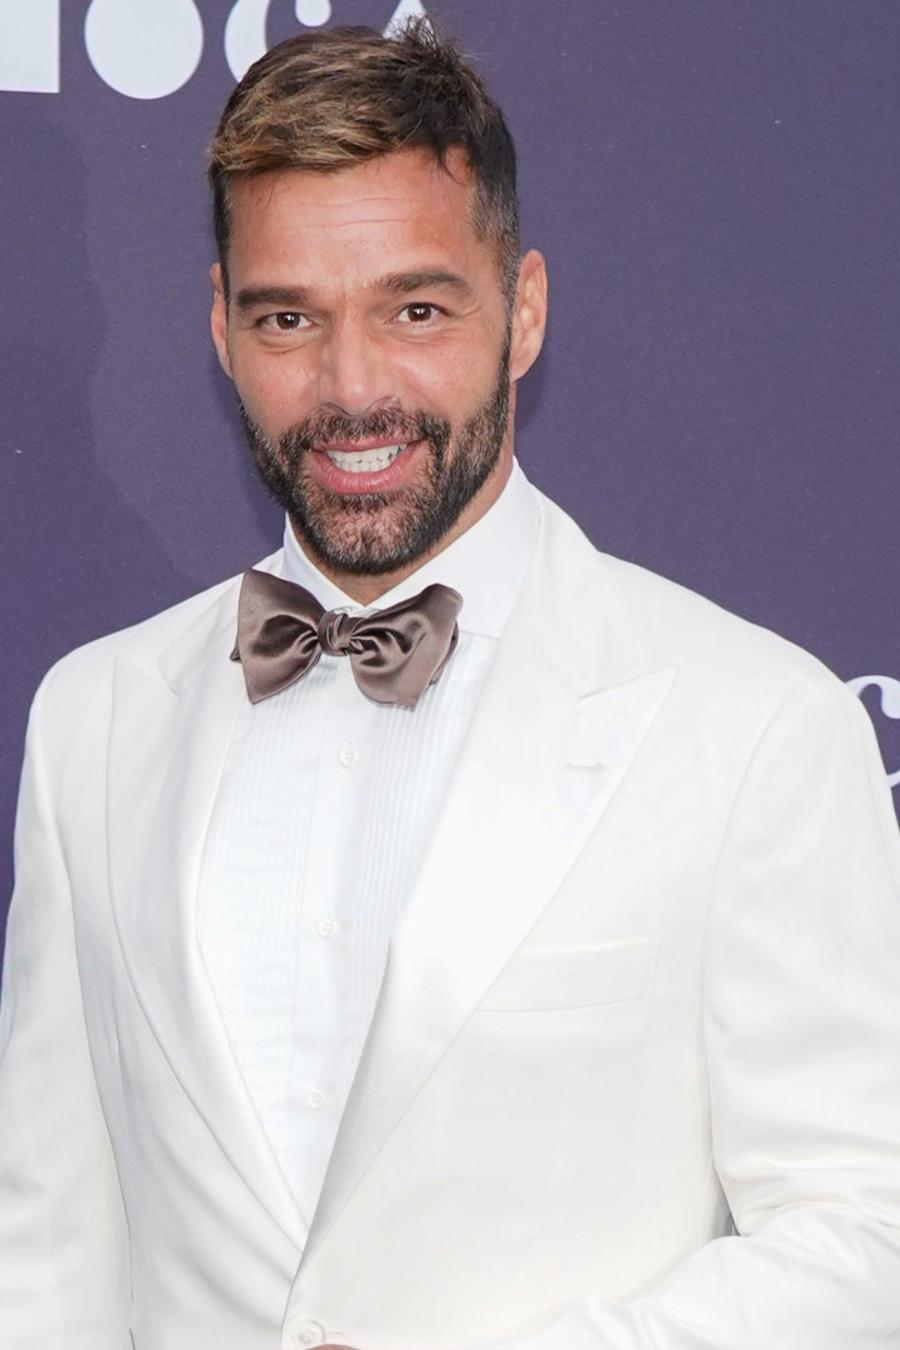 Ricky Martin en el evento de MOCA en Los Ángeles, California.